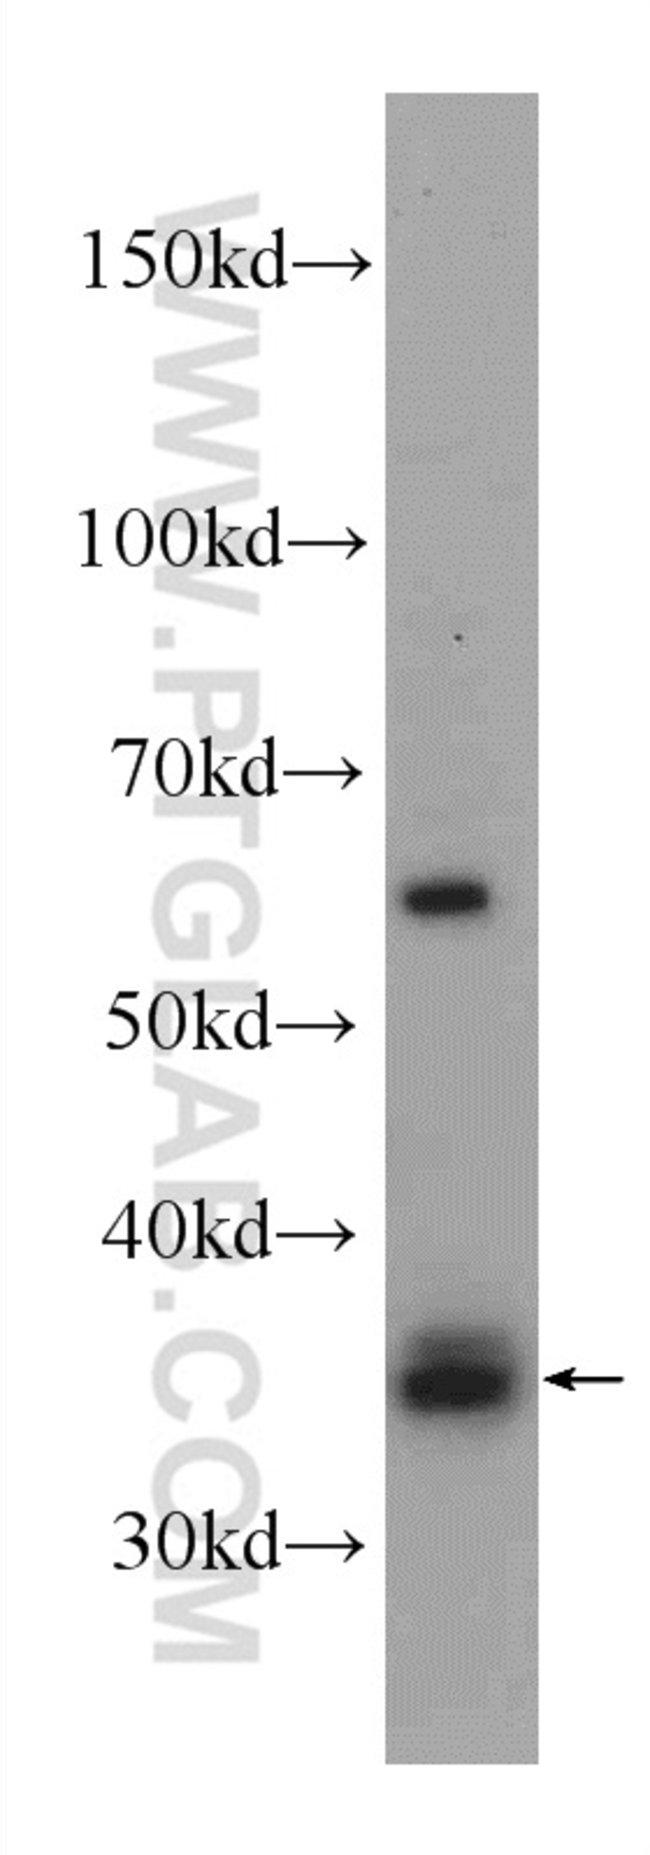 HSD17B7 Rabbit anti-Human, Polyclonal, Proteintech 150 μL; Unconjugated voir les résultats